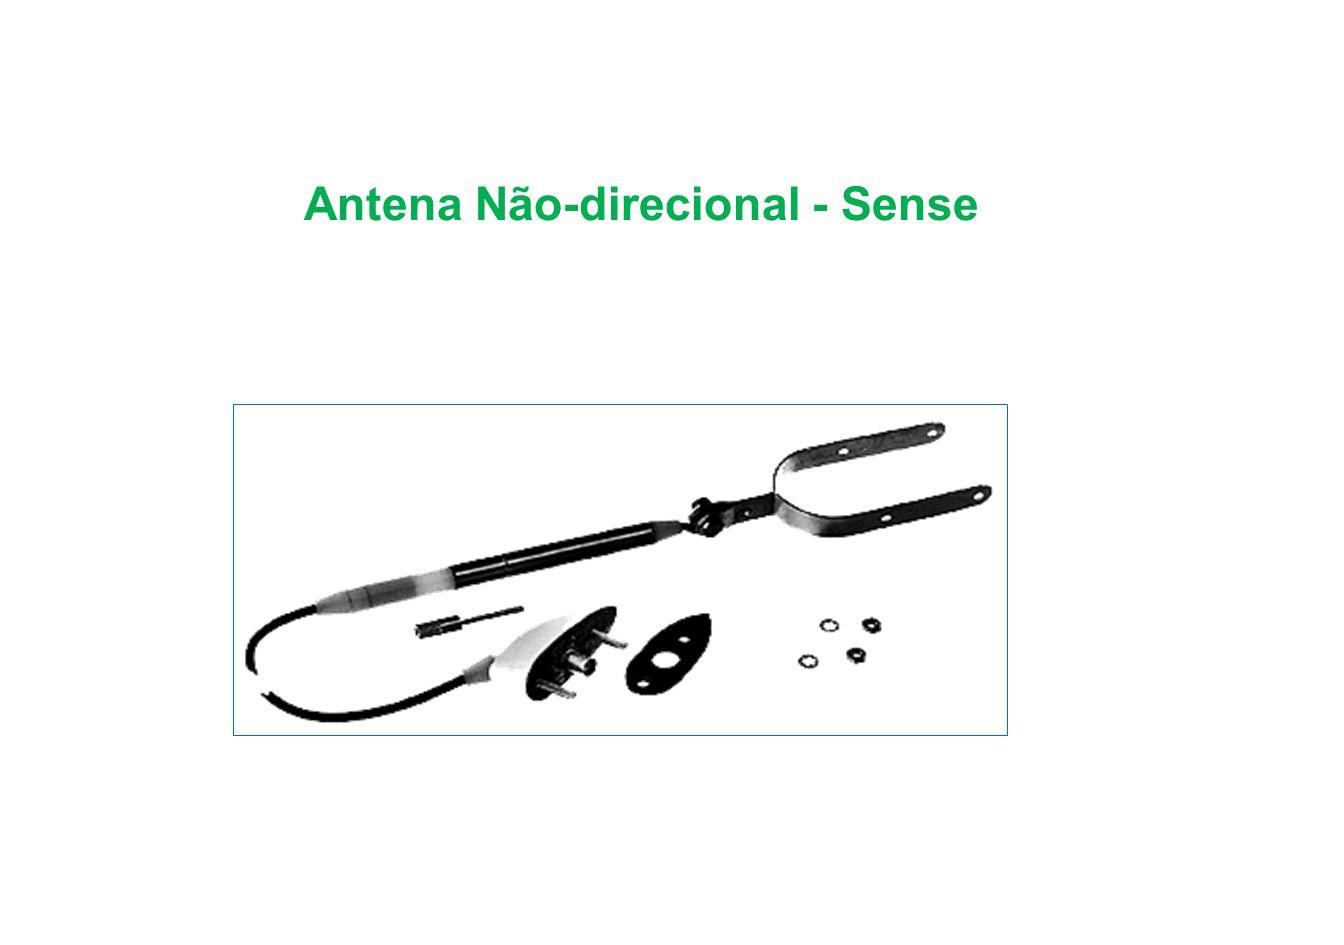 Antena Não-direcional - Sense